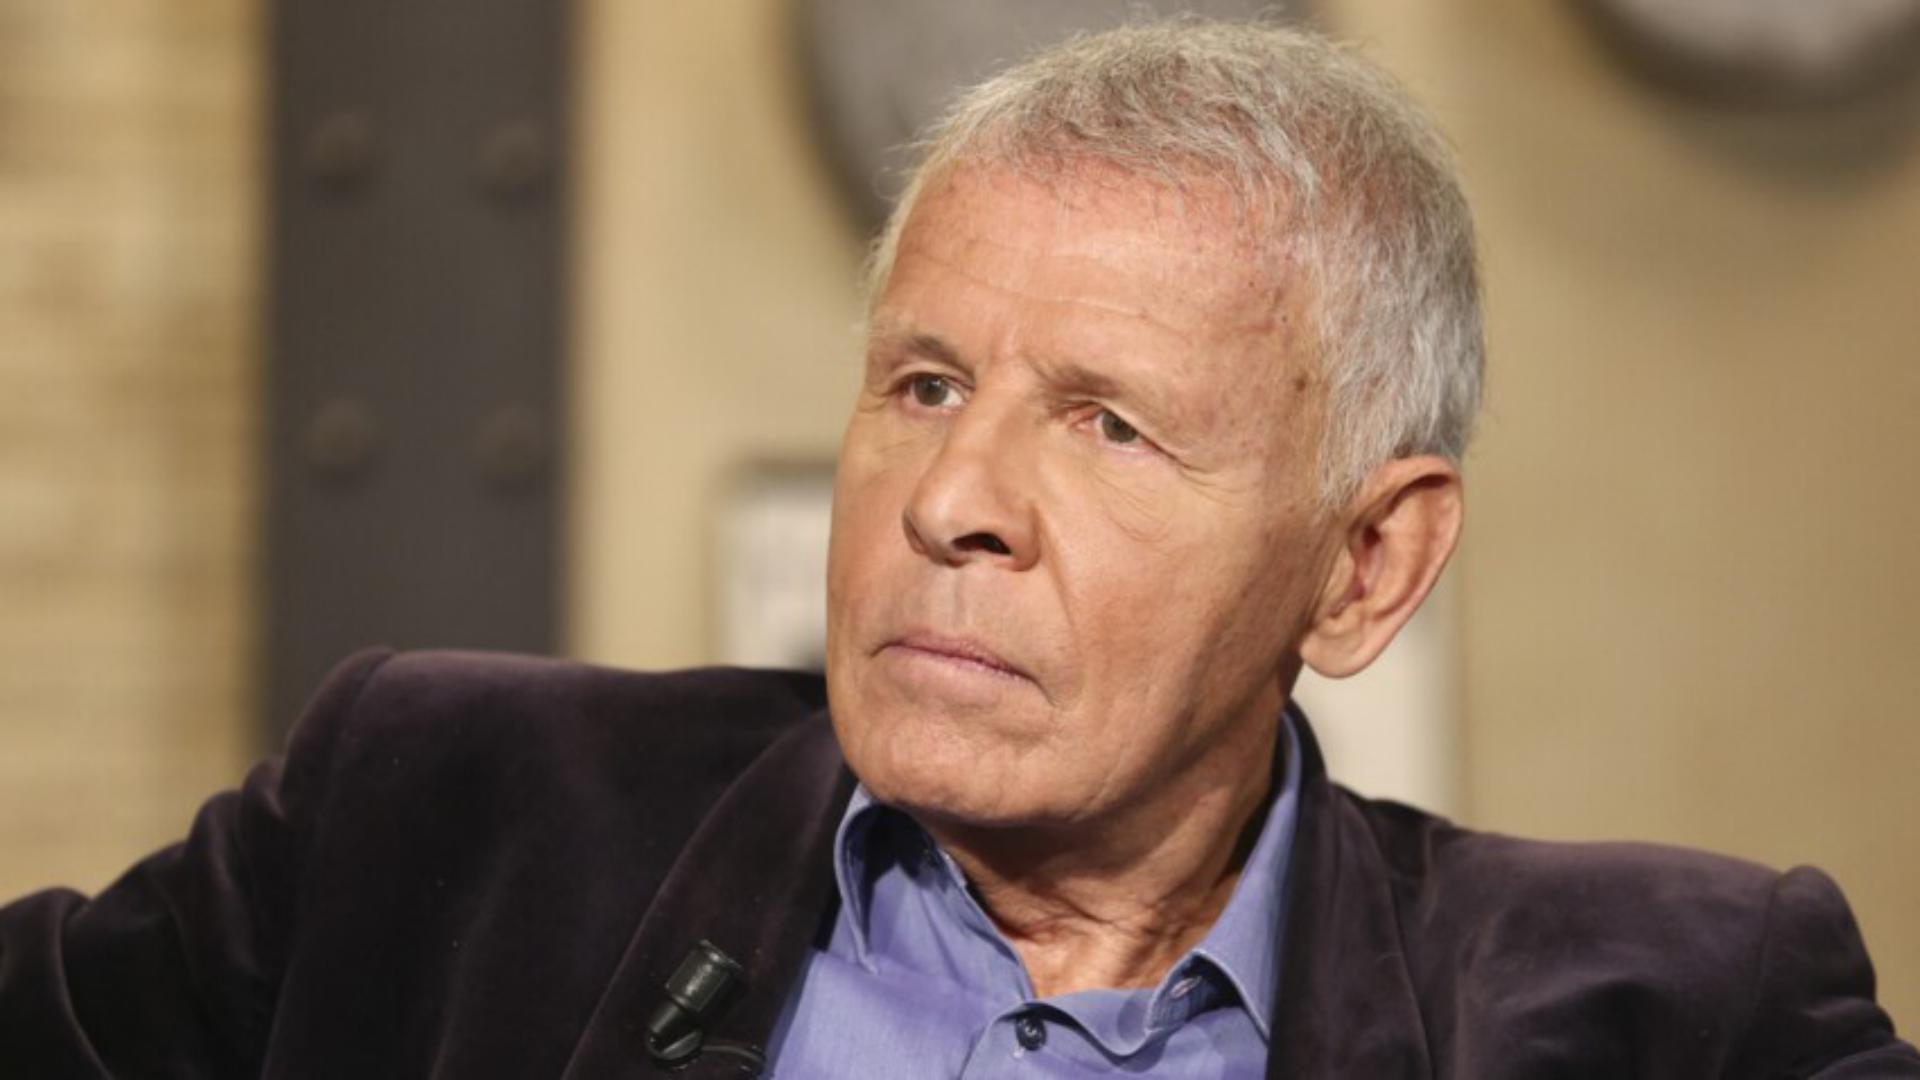 France : L'ex-présentateur de JT, Patrick Poivre d'Arvor est accusé de viol